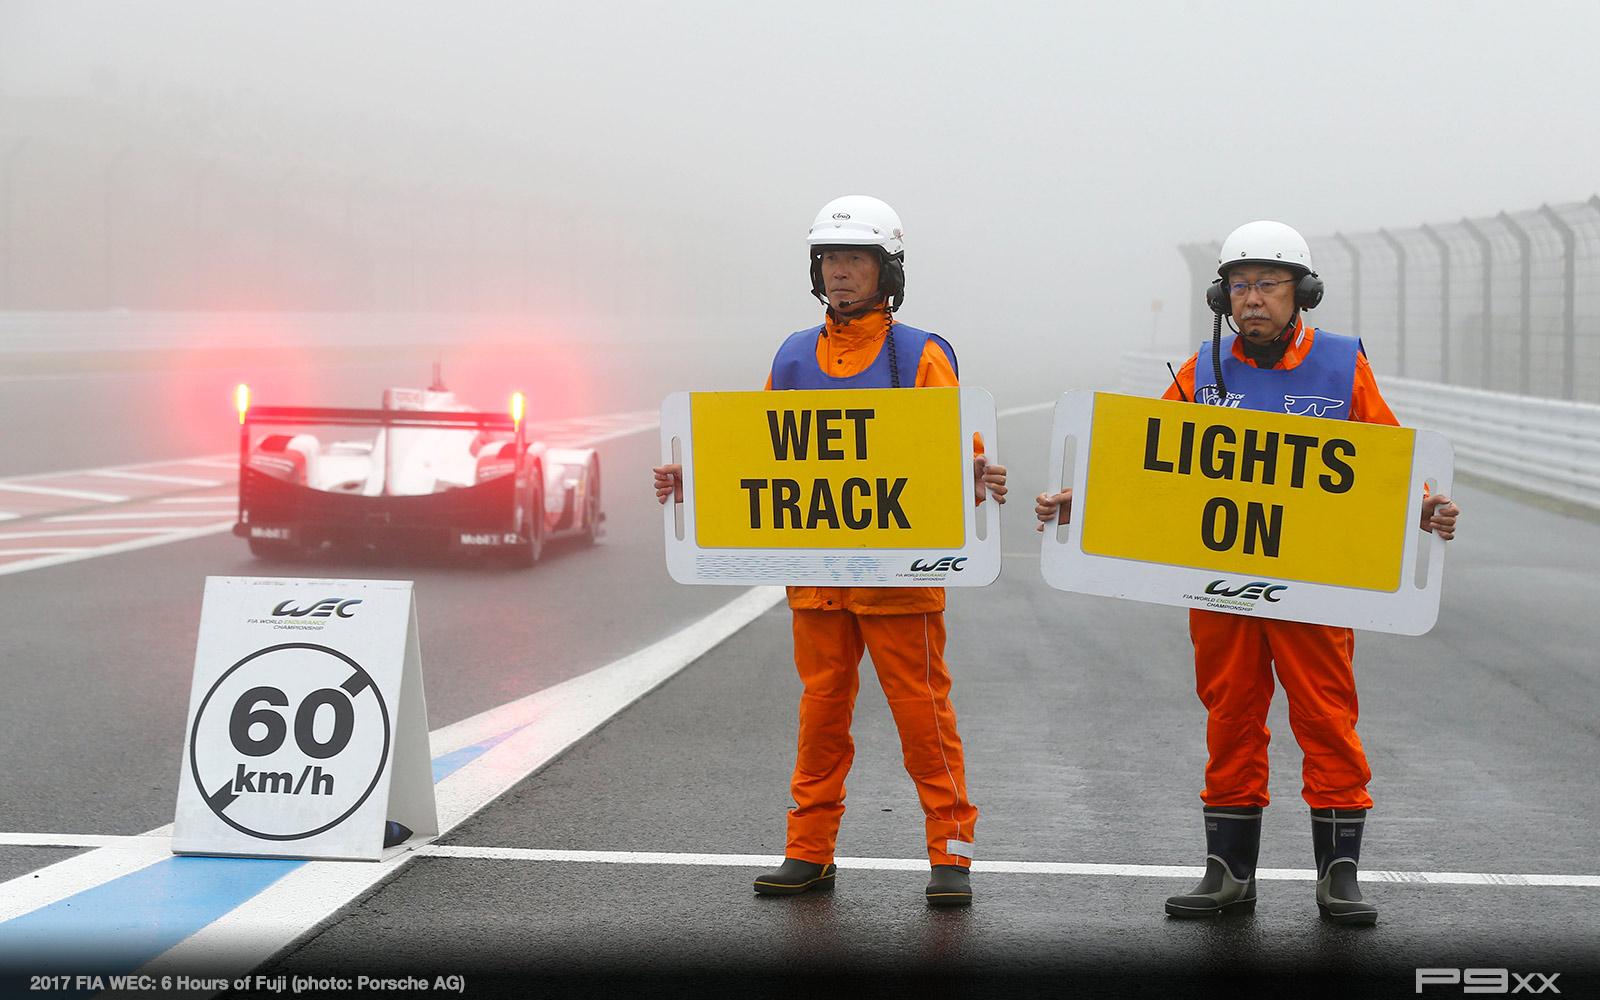 2017-FIA-WEC-6h-of-Fuji-Porsche-424